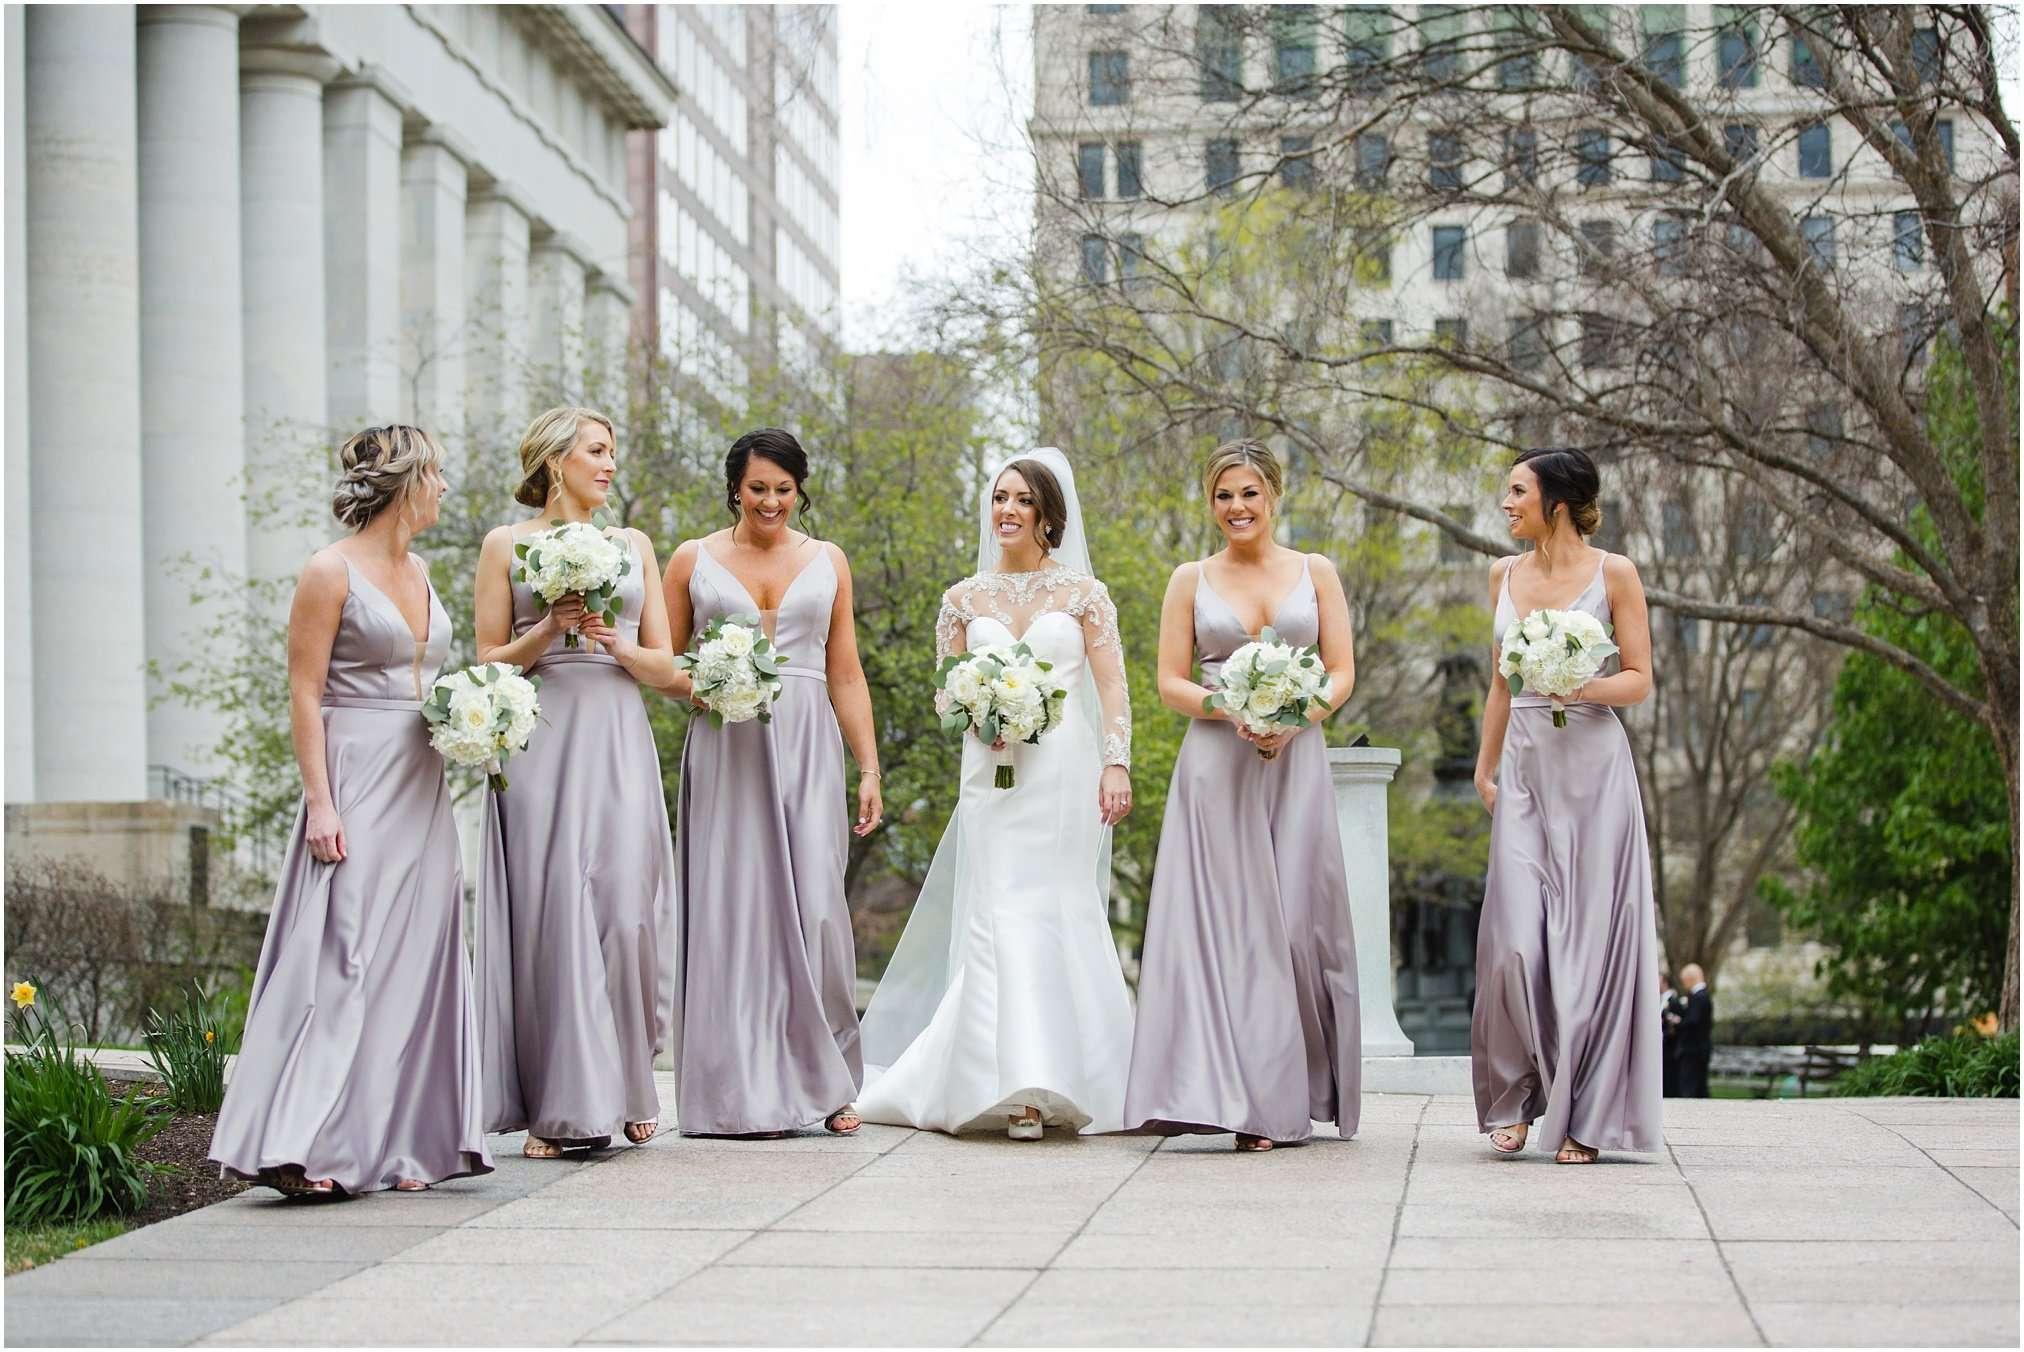 Spring Wedding at the Ohio Statehouse | Columbus Ohio Photography 98